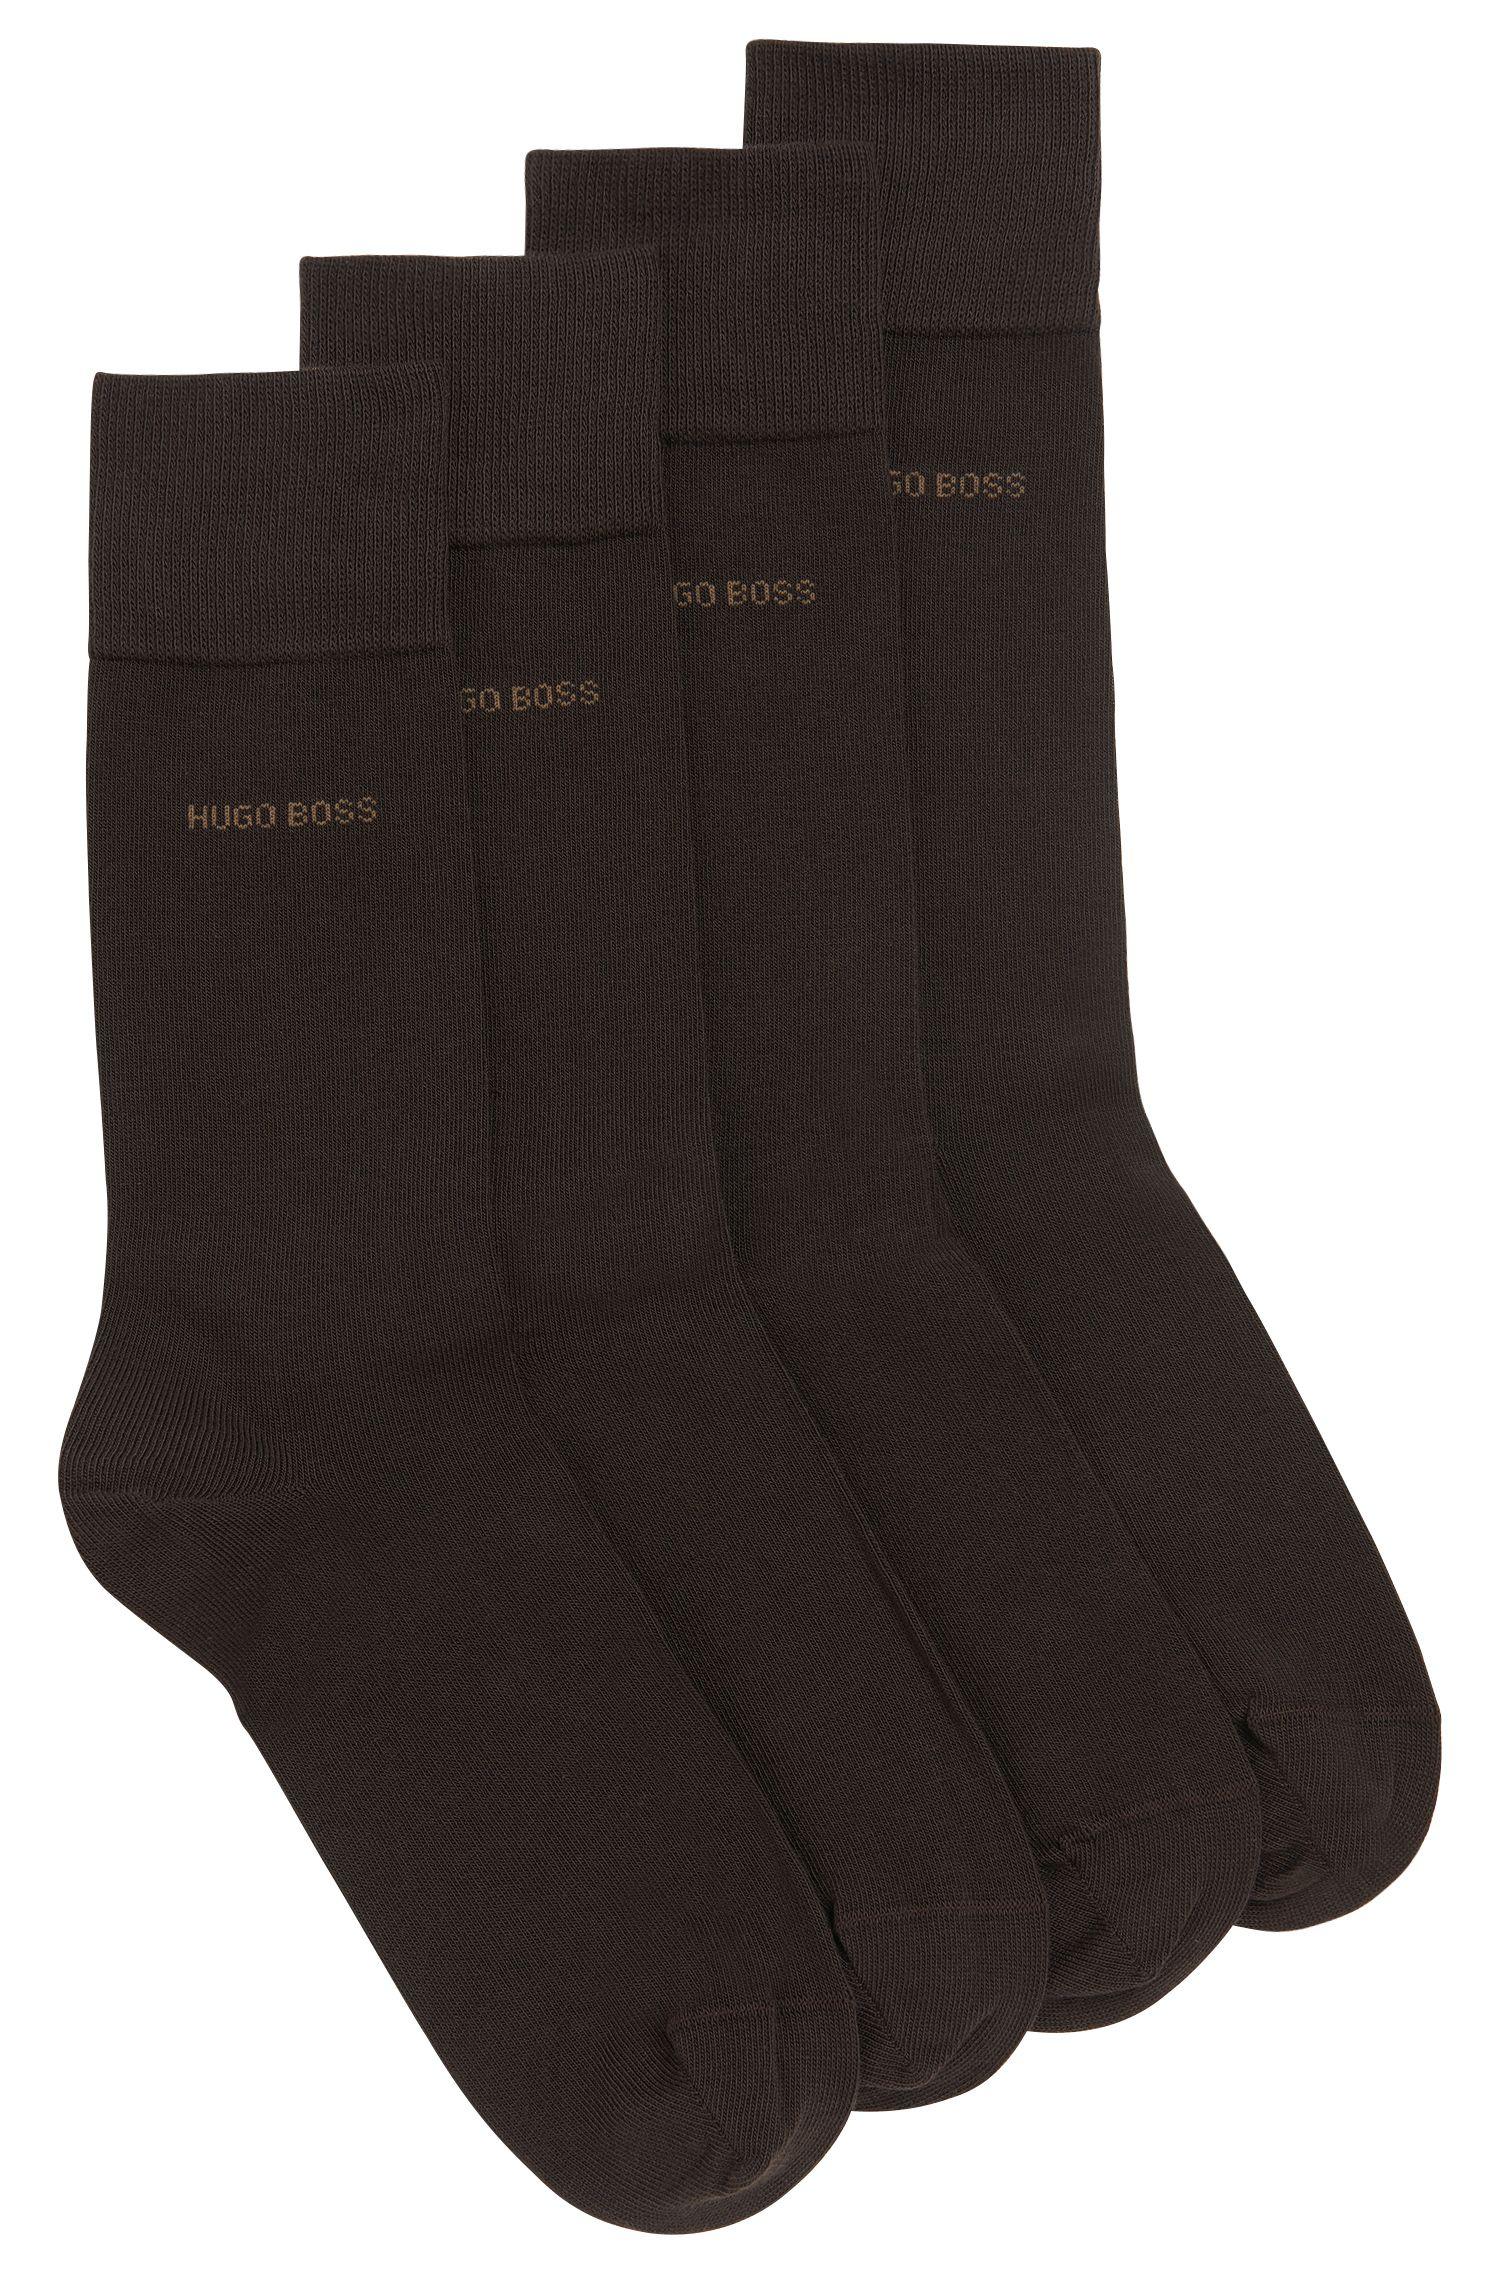 Set van twee paar sokken van BOSS Menswear van een katoenmix met een normale lengte